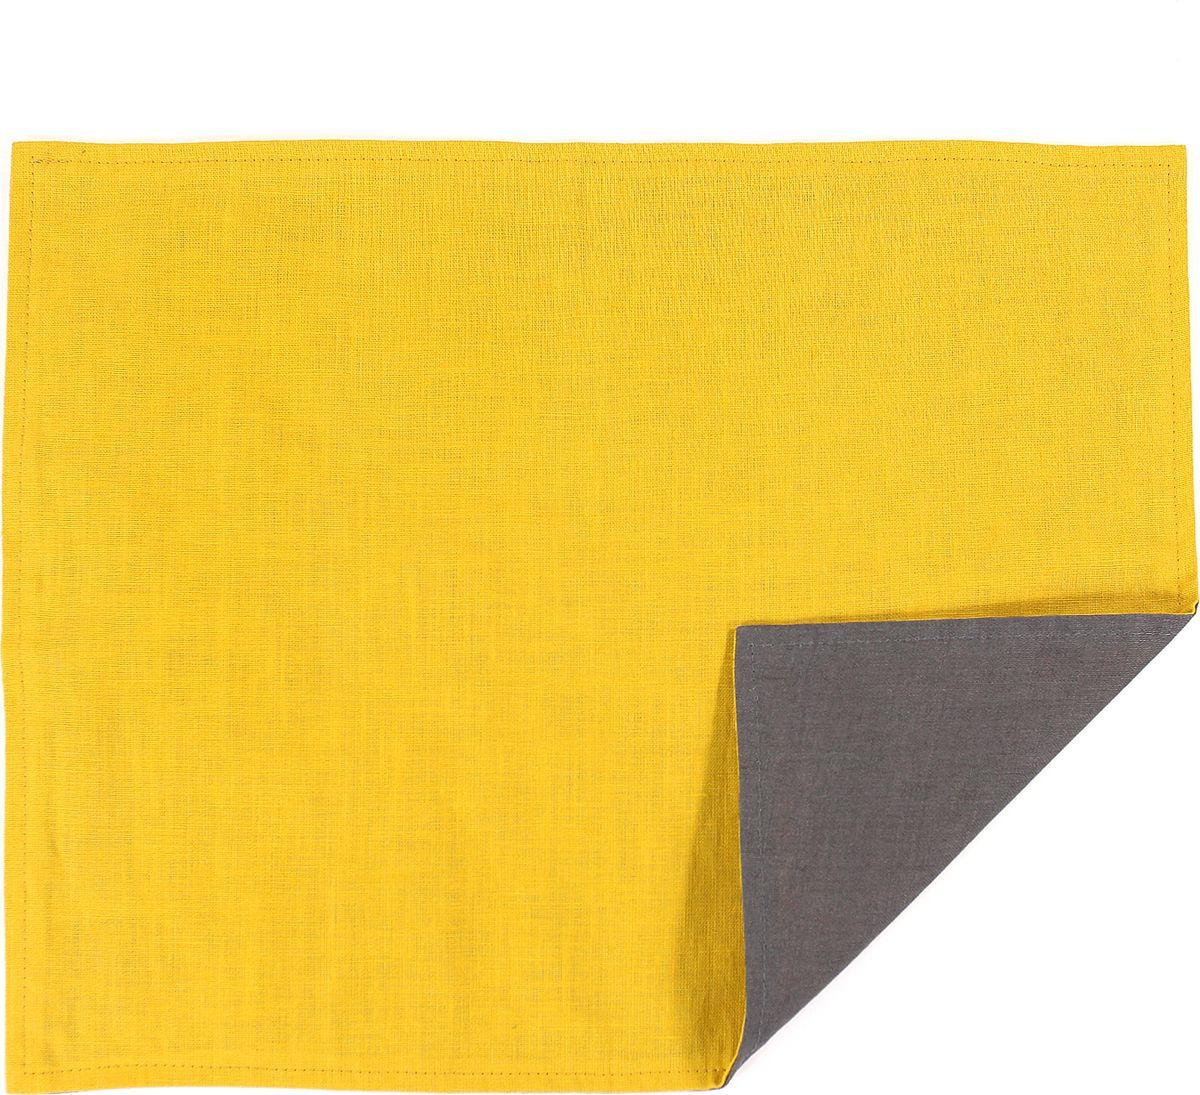 Салфетка столовая Tkano Essential, TK18-PM0016, двухсторонняя, с декоративной обработкой, темно-серый, горчичный, 35 x 45 см